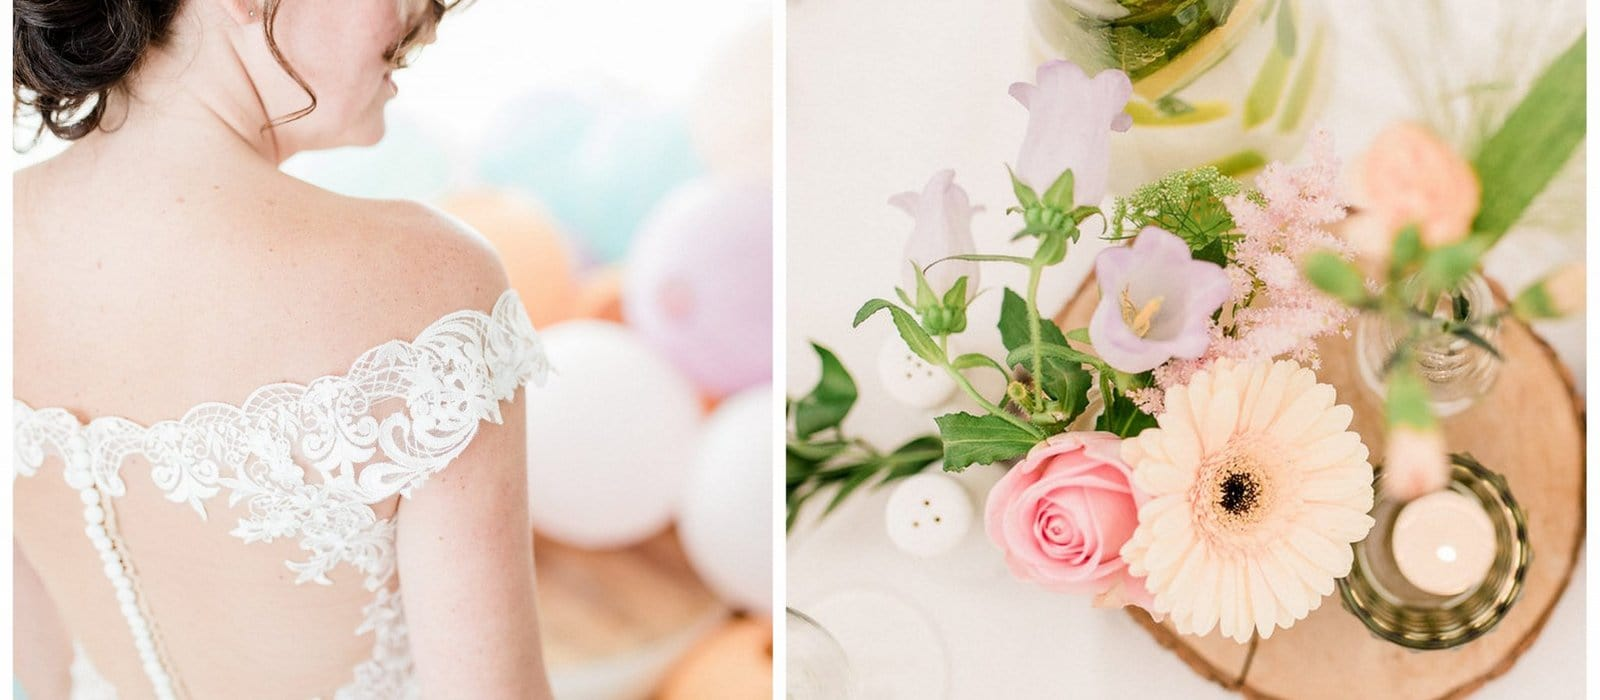 wedding planner & wedding stylist